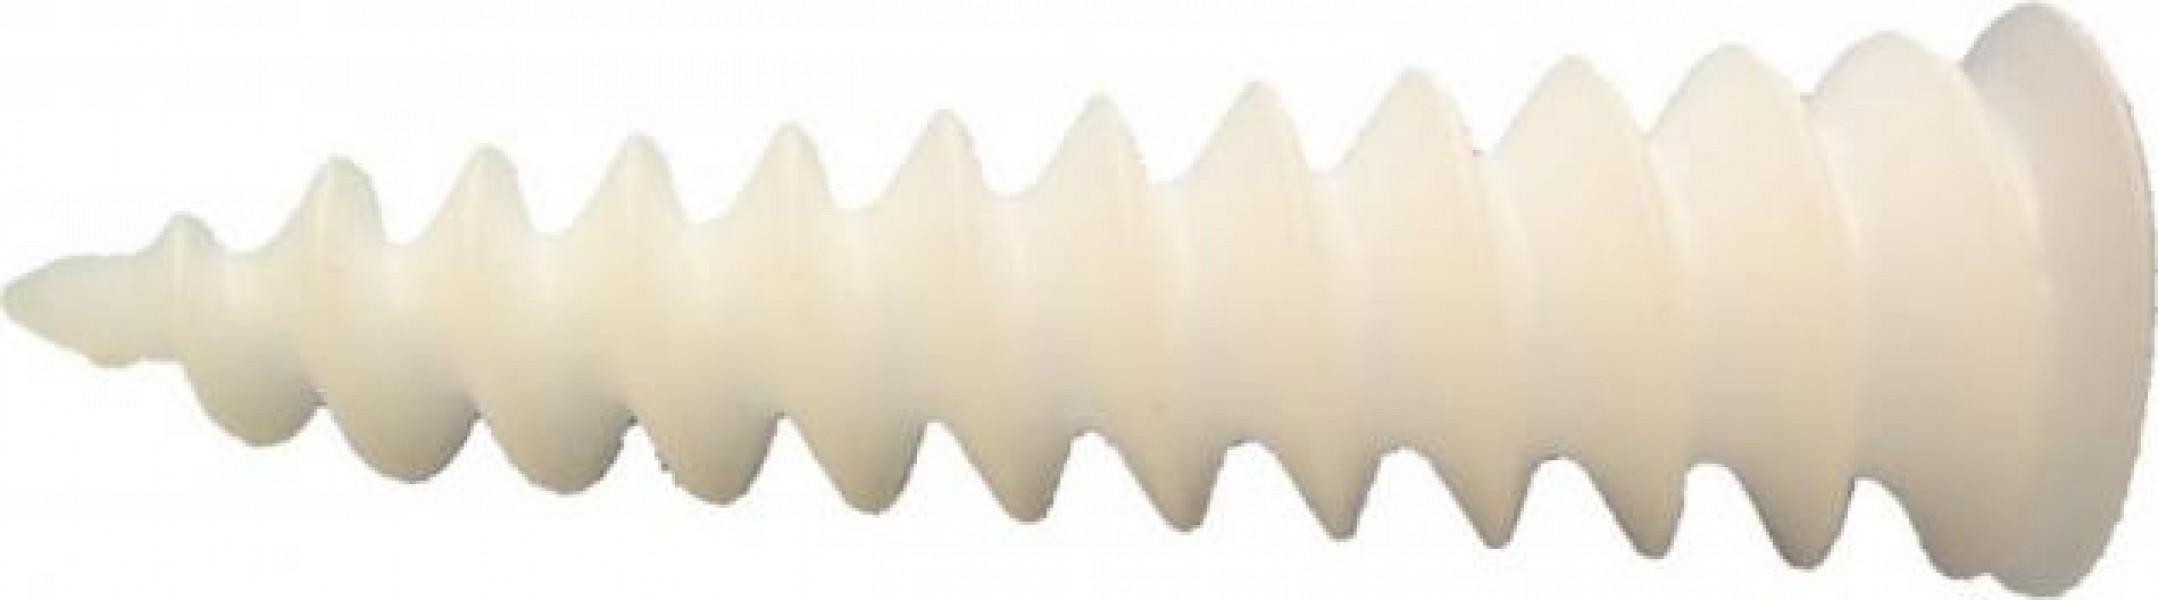 Photo 1 Convient pour les isolants rigides, pour la laine de roche et pour la mousse polyuréthanne en particulier pour les systèmes ITE.  Est adaptée pour la fixation de luminaires d'extérieur, sonnettes, numéros de maison, boites aux lettres et journaux, détecteurs de mouvement, panneaux et pour les descentes de gouttières. - Baukom